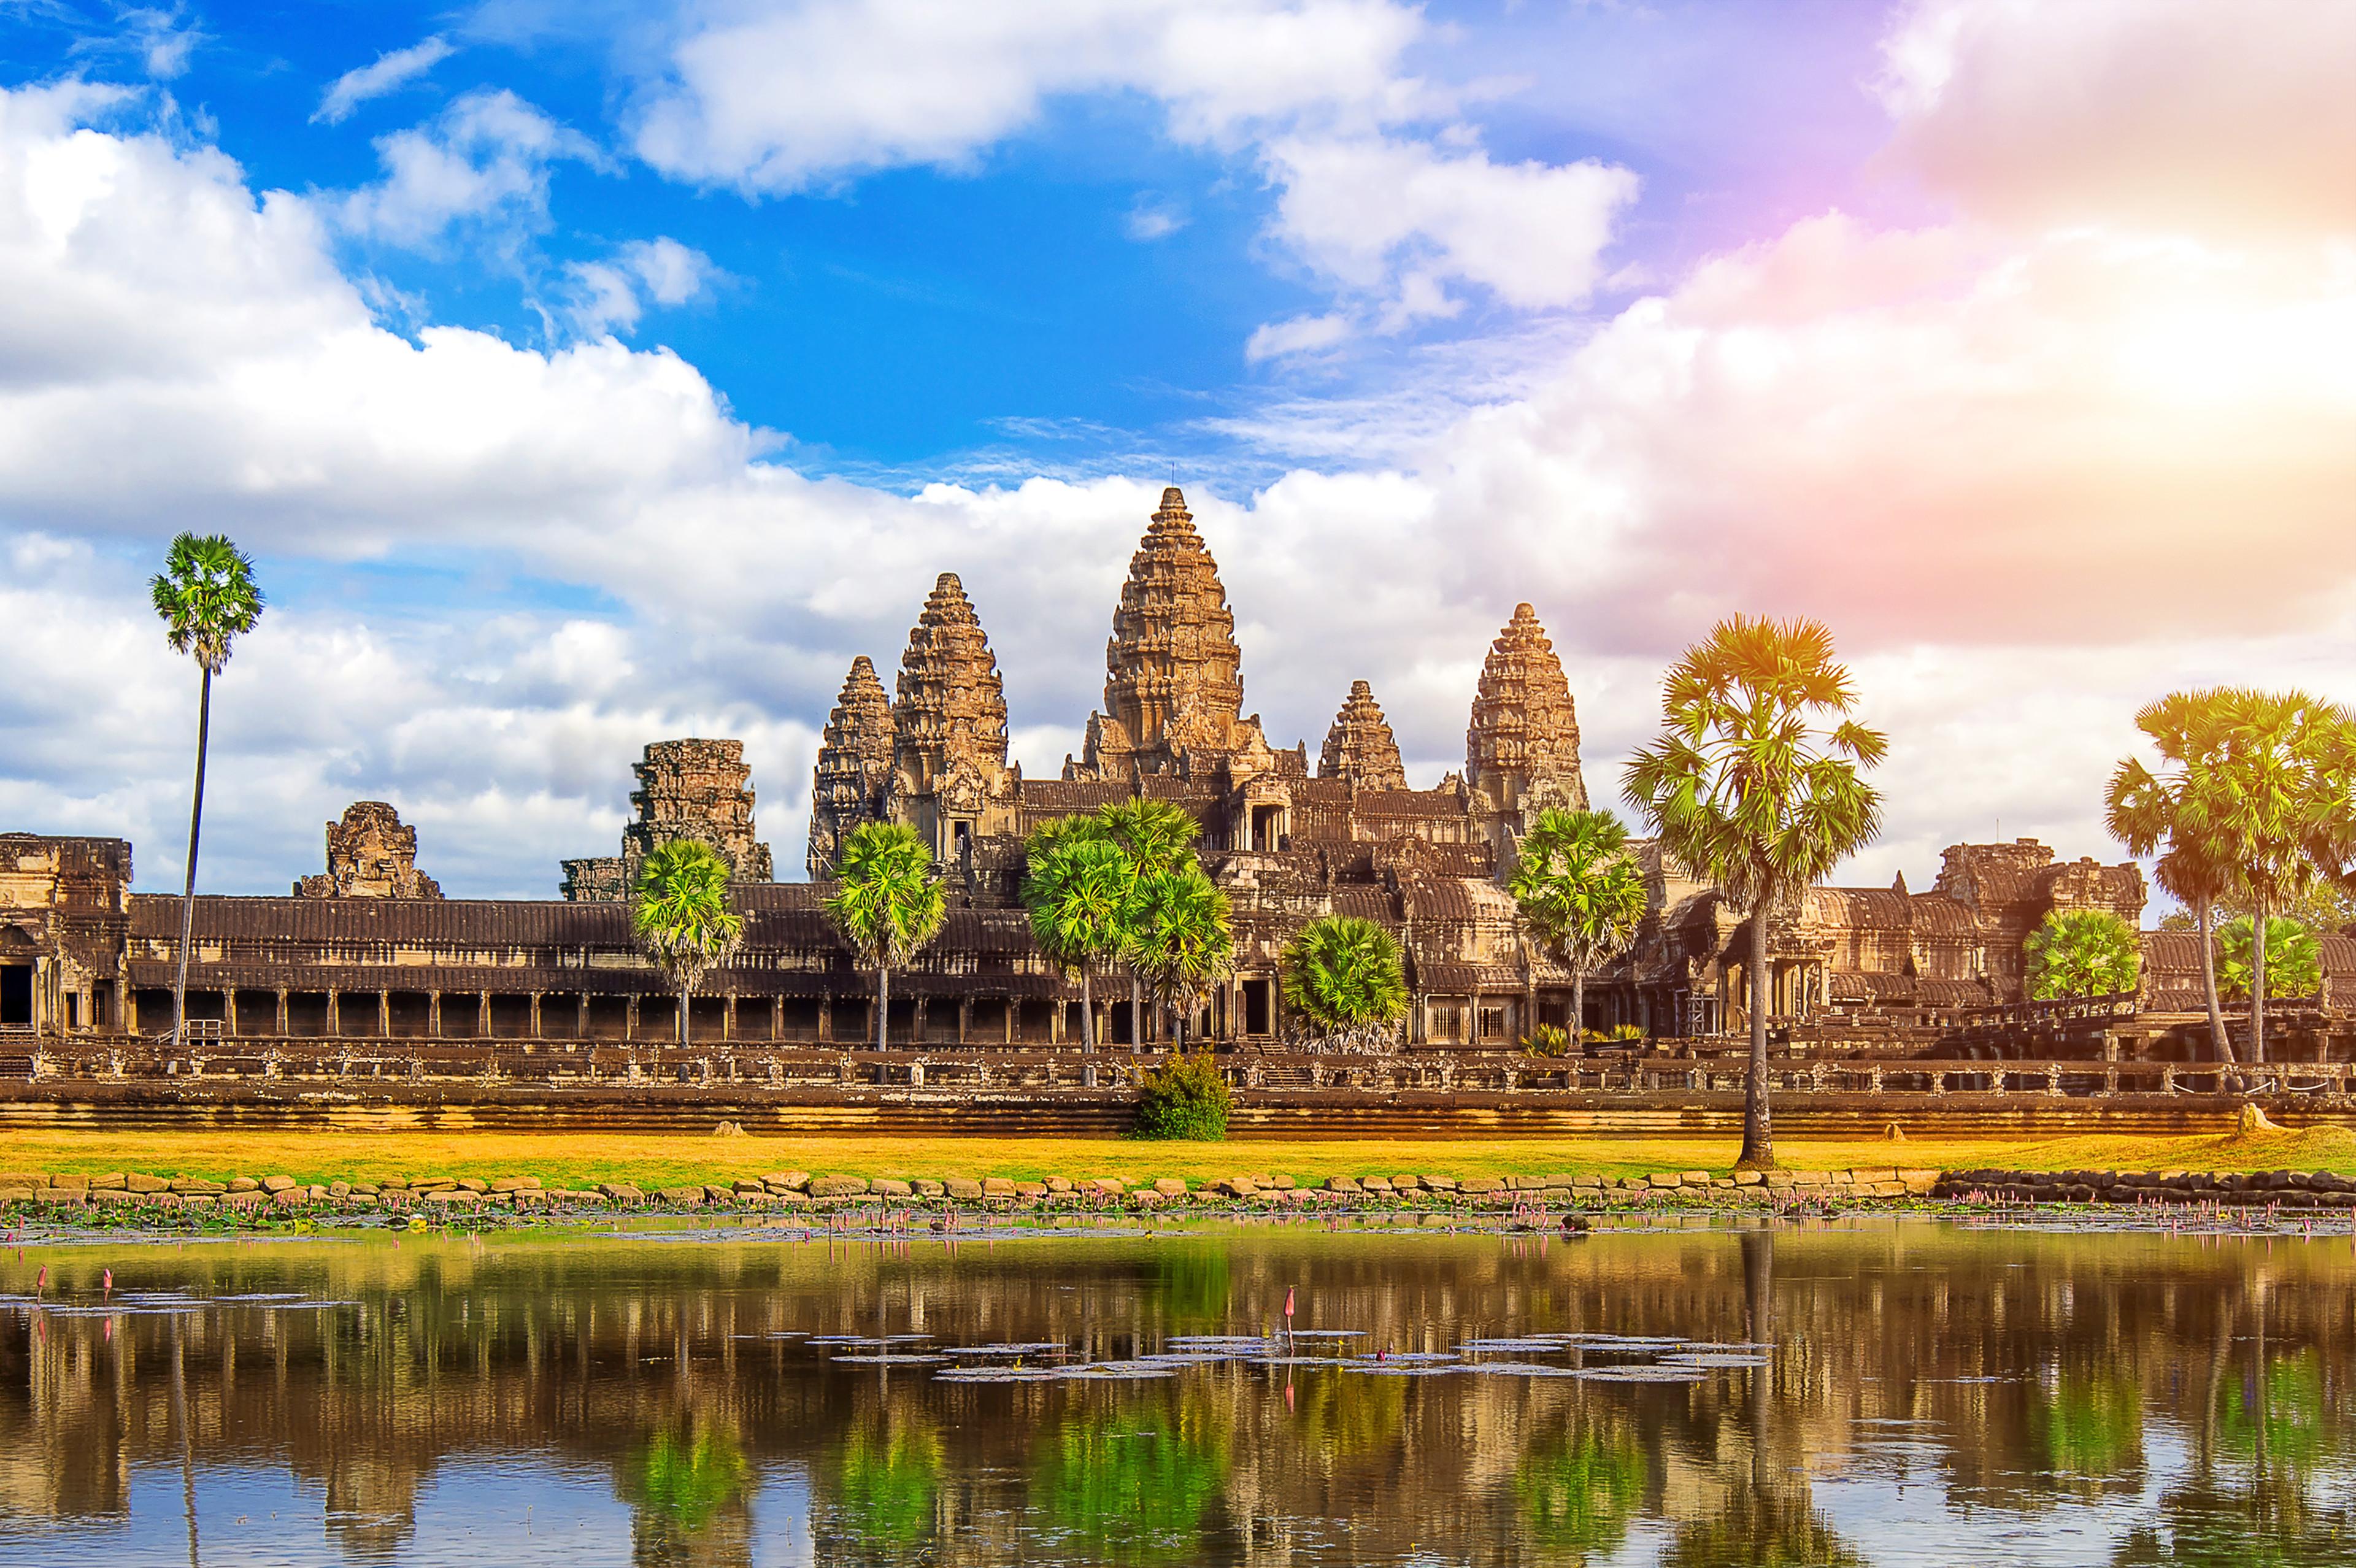 2019上半年旅柬国际游客达330万人 中国游客最多